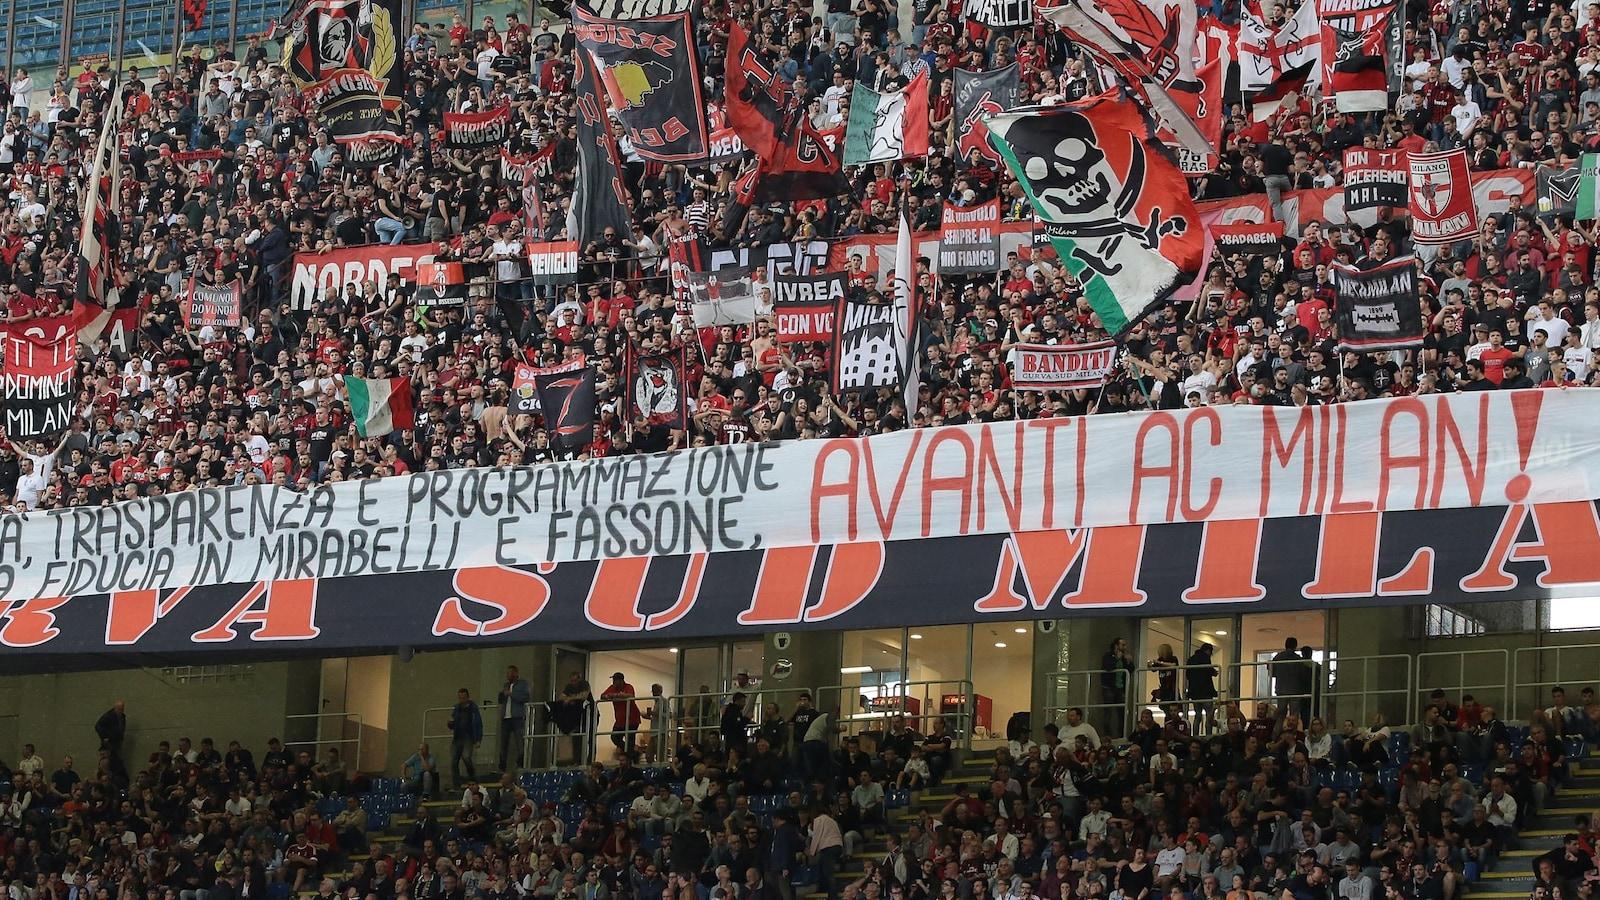 Des partisans de l'AC Milan dans les gradins avec des banderoles et des drapeaux